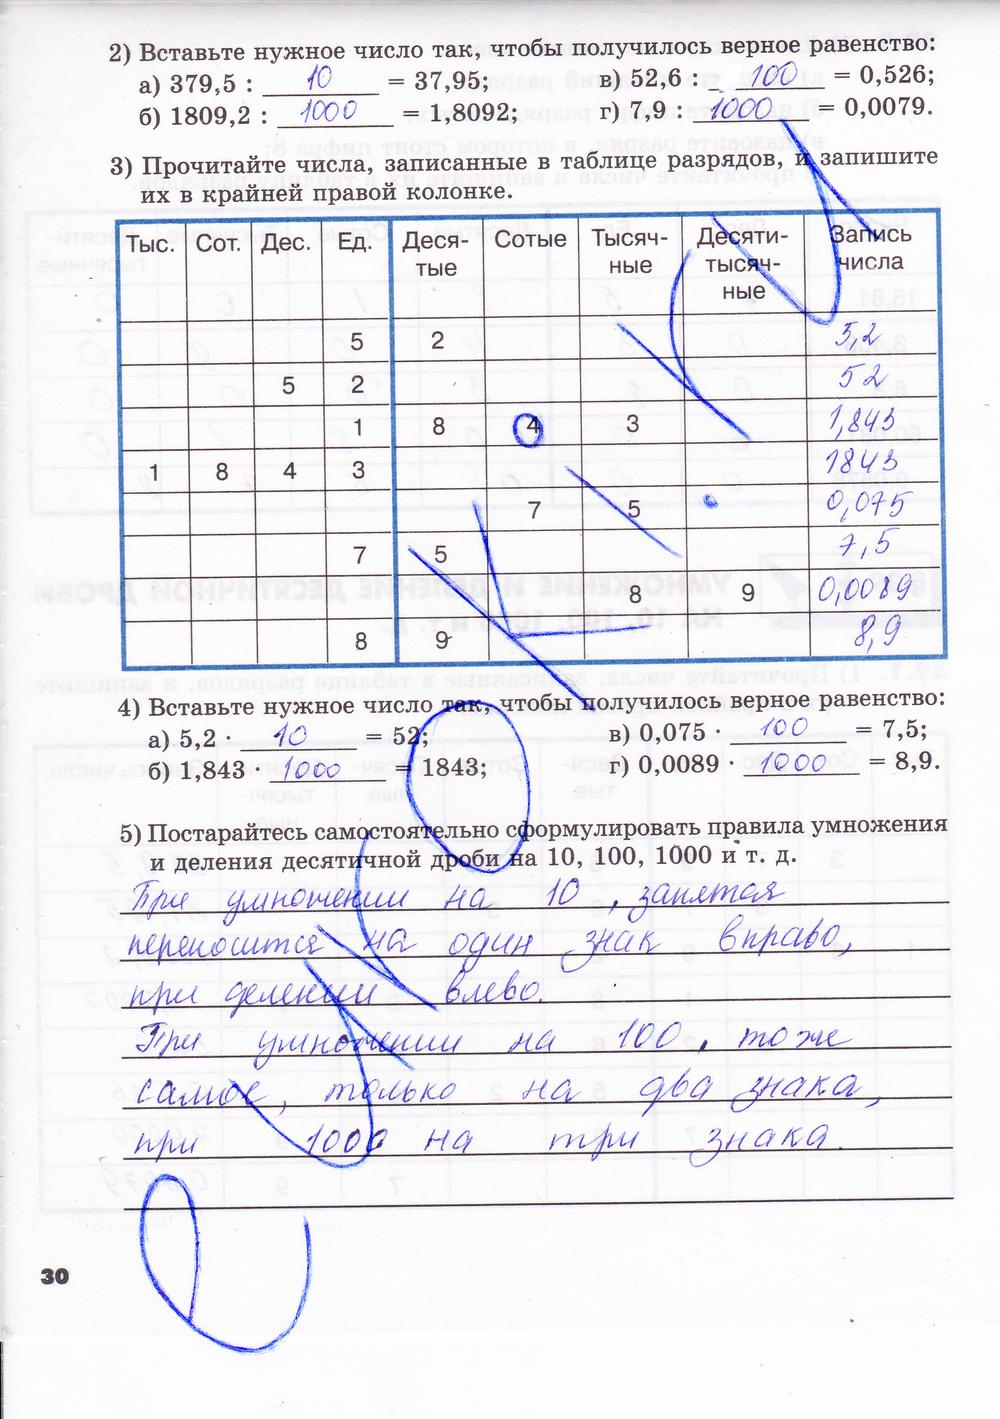 Гдз рабочая тетрадь по математике 5 класс зубаревой часть 2